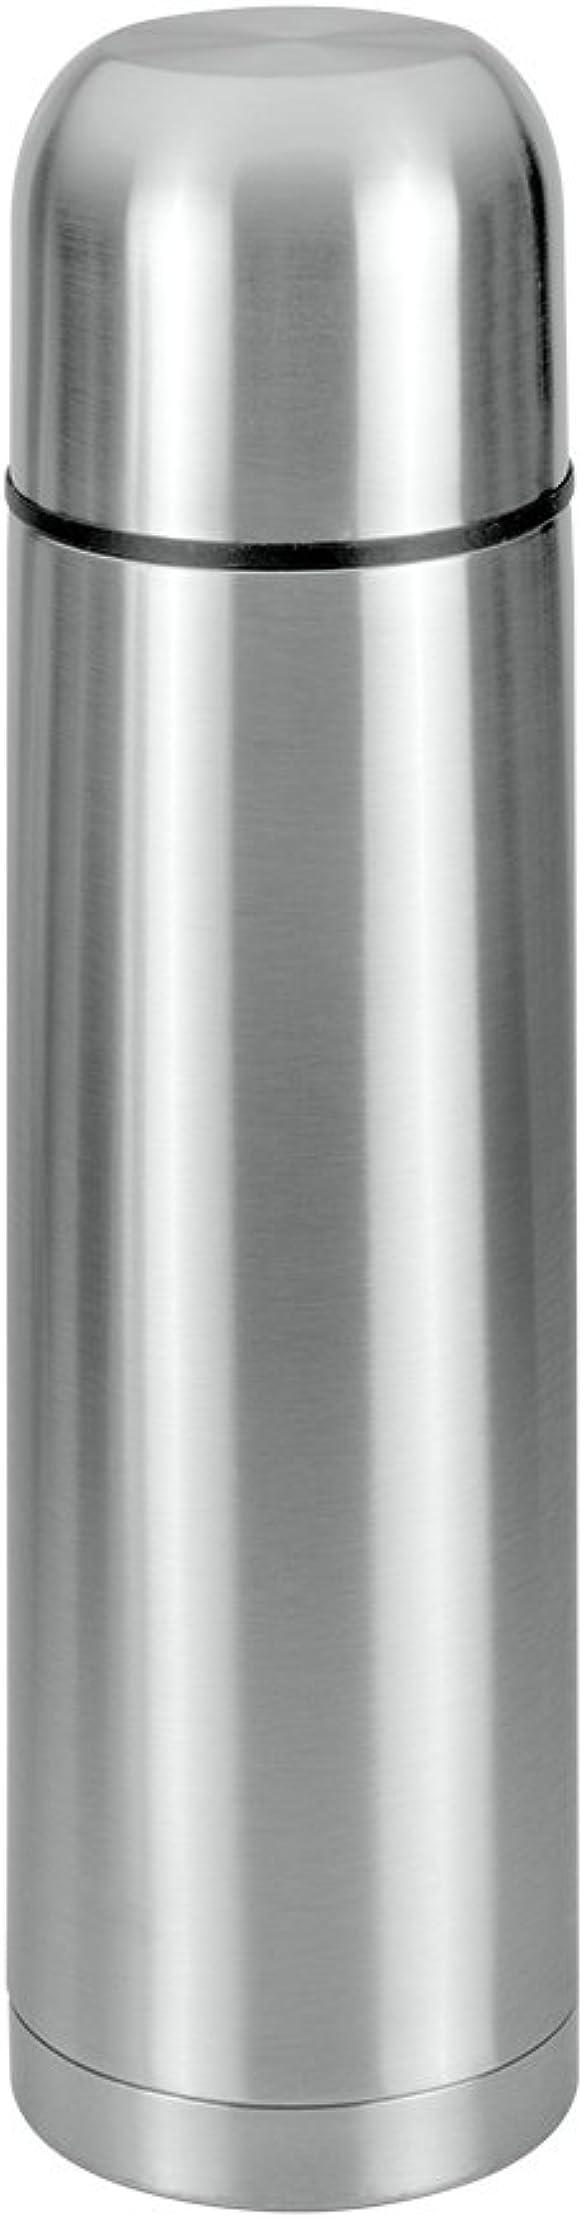 Metaltex 89973410080 - cosmos, thermos in acciaio inox, 1 l